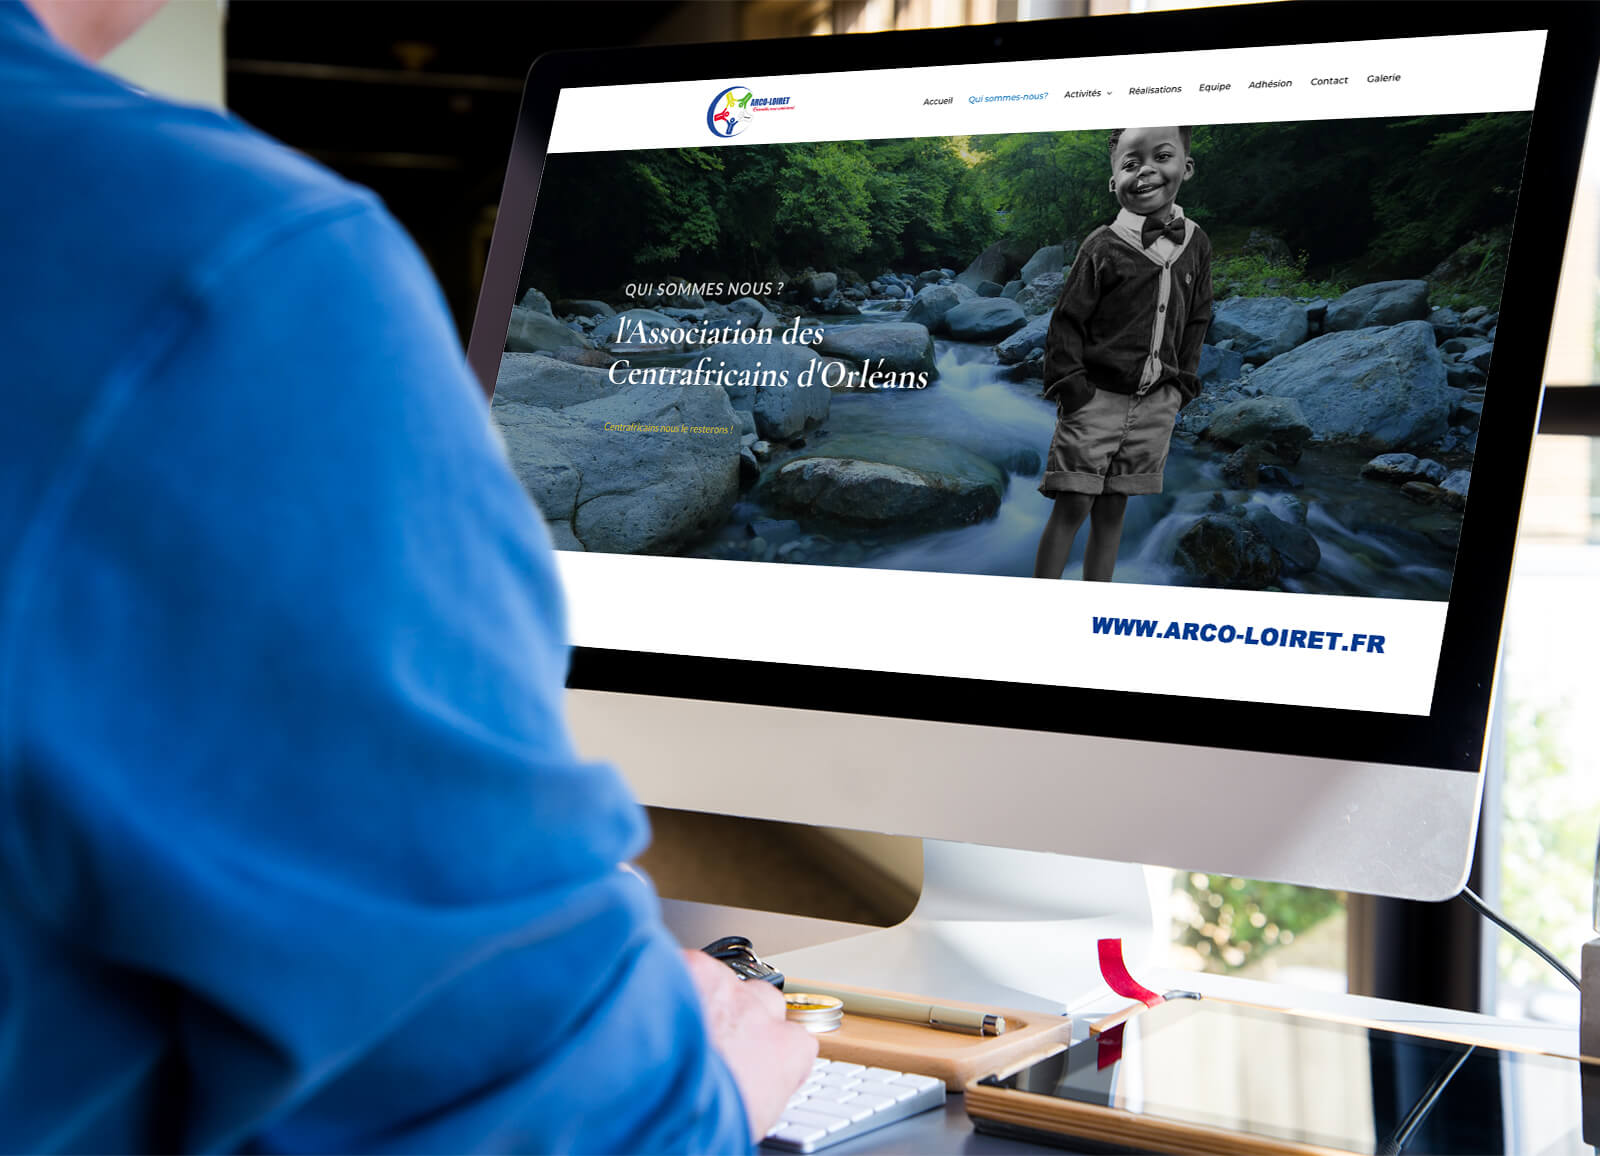 site associatif: ARCO-Loiret